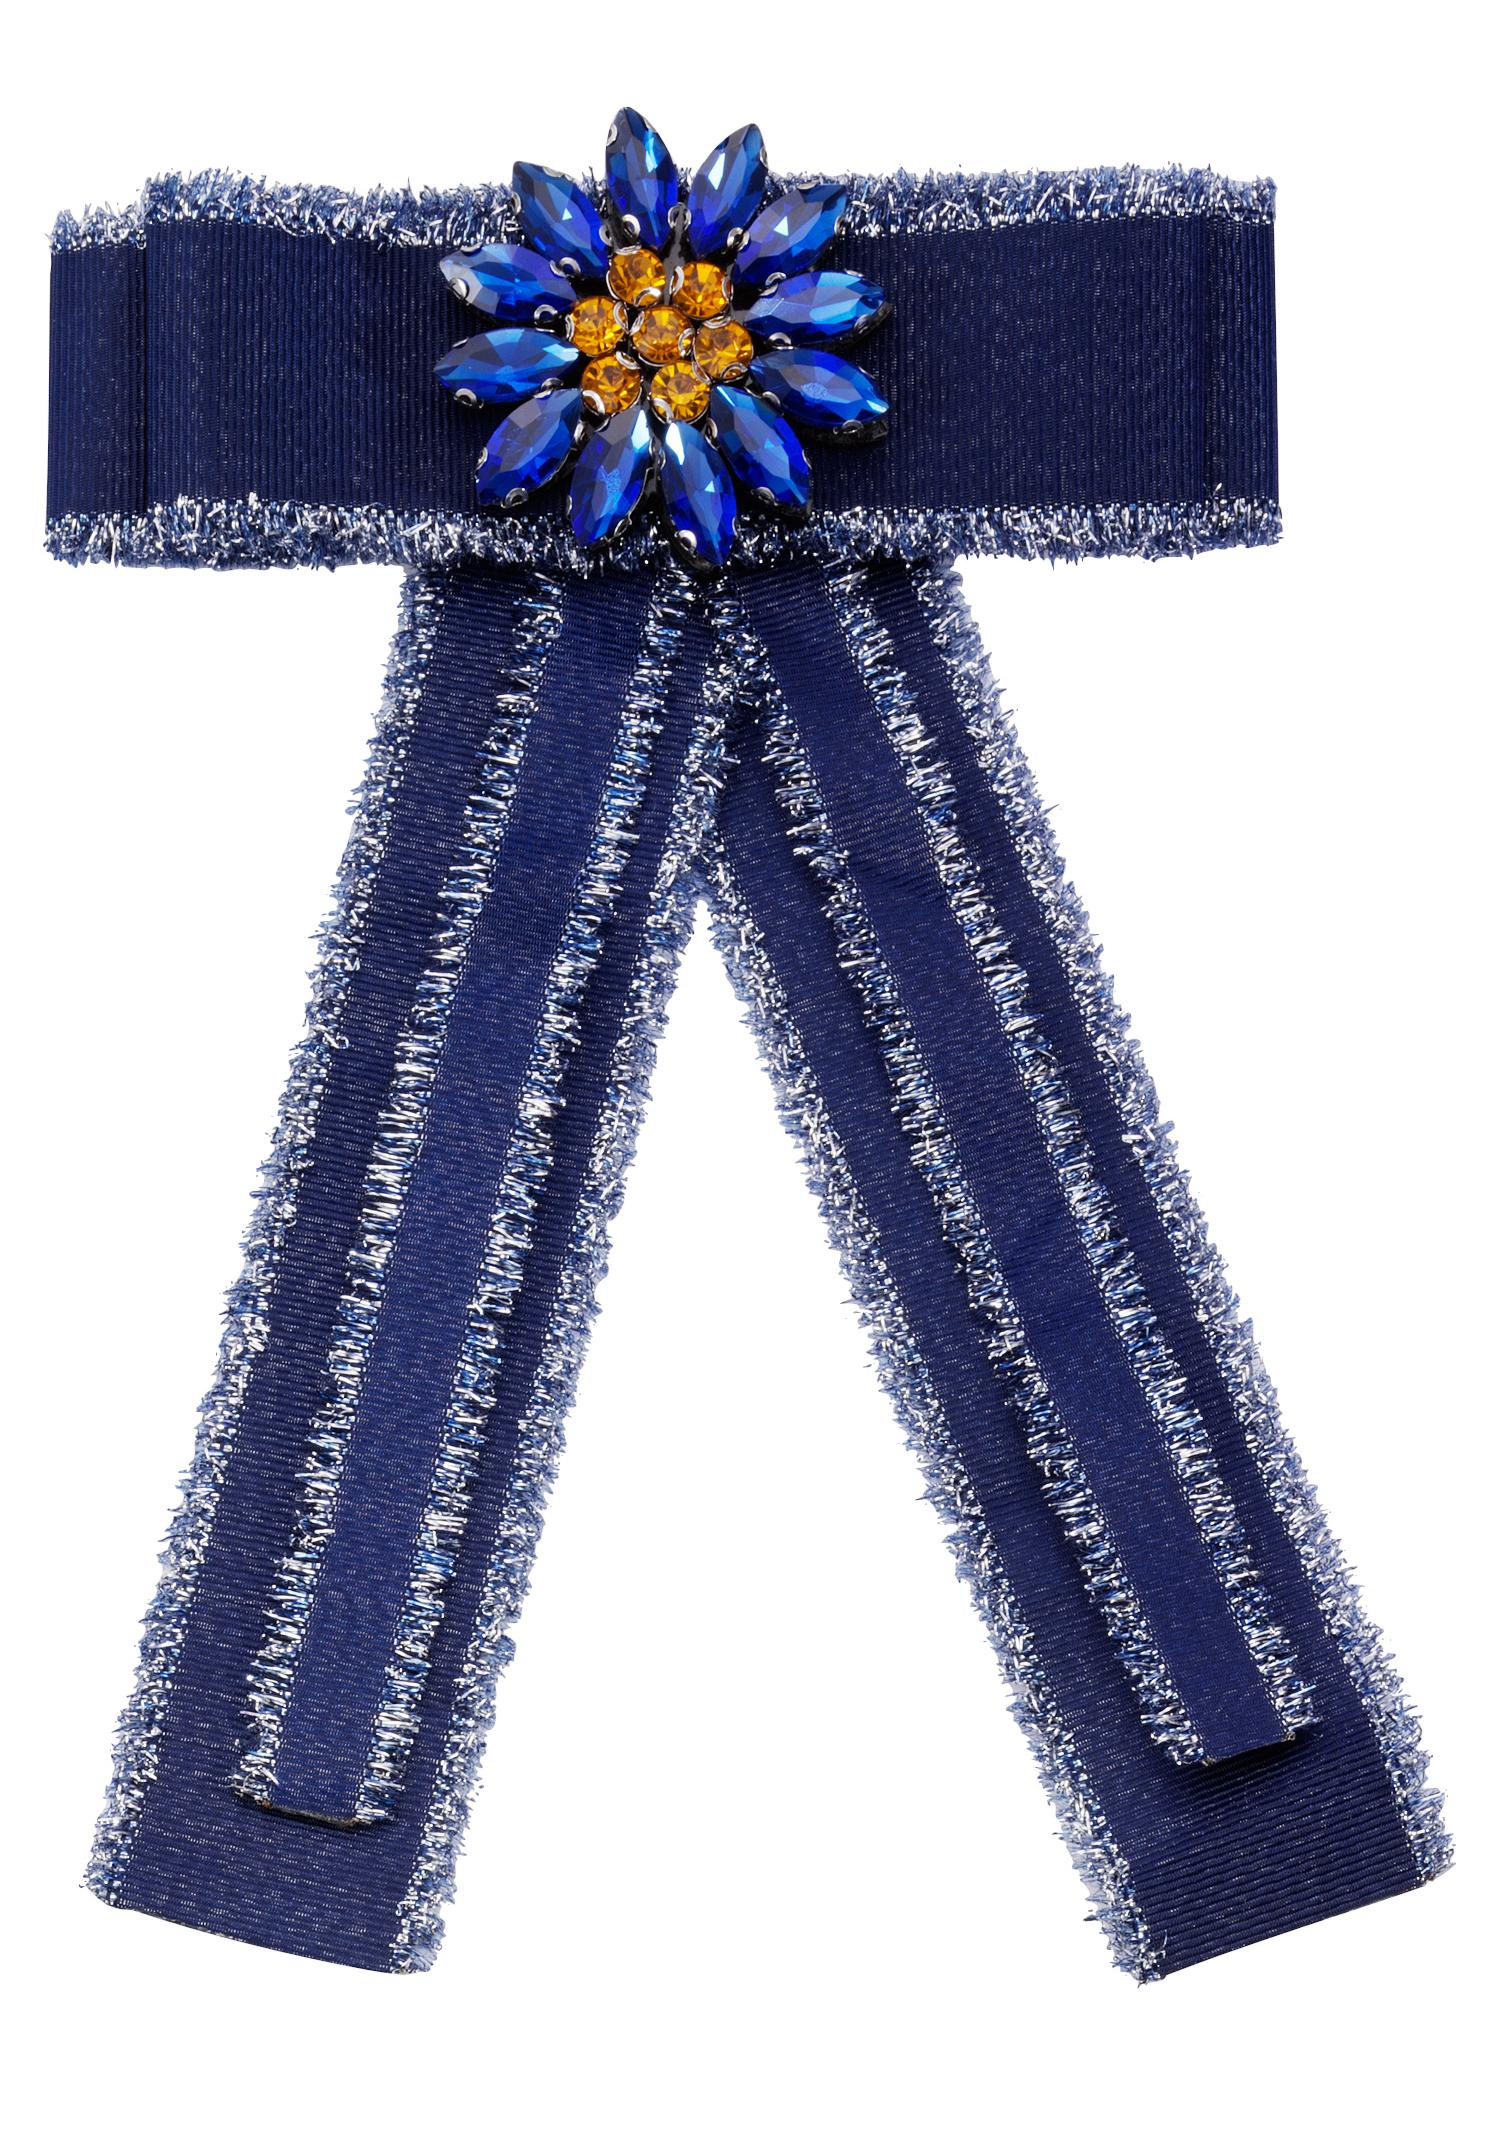 JJayz Brosche Ansteckschmuck in Schleifenform mit dekorativer Blume   Schmuck > Broschen   Blau   J. Jayz